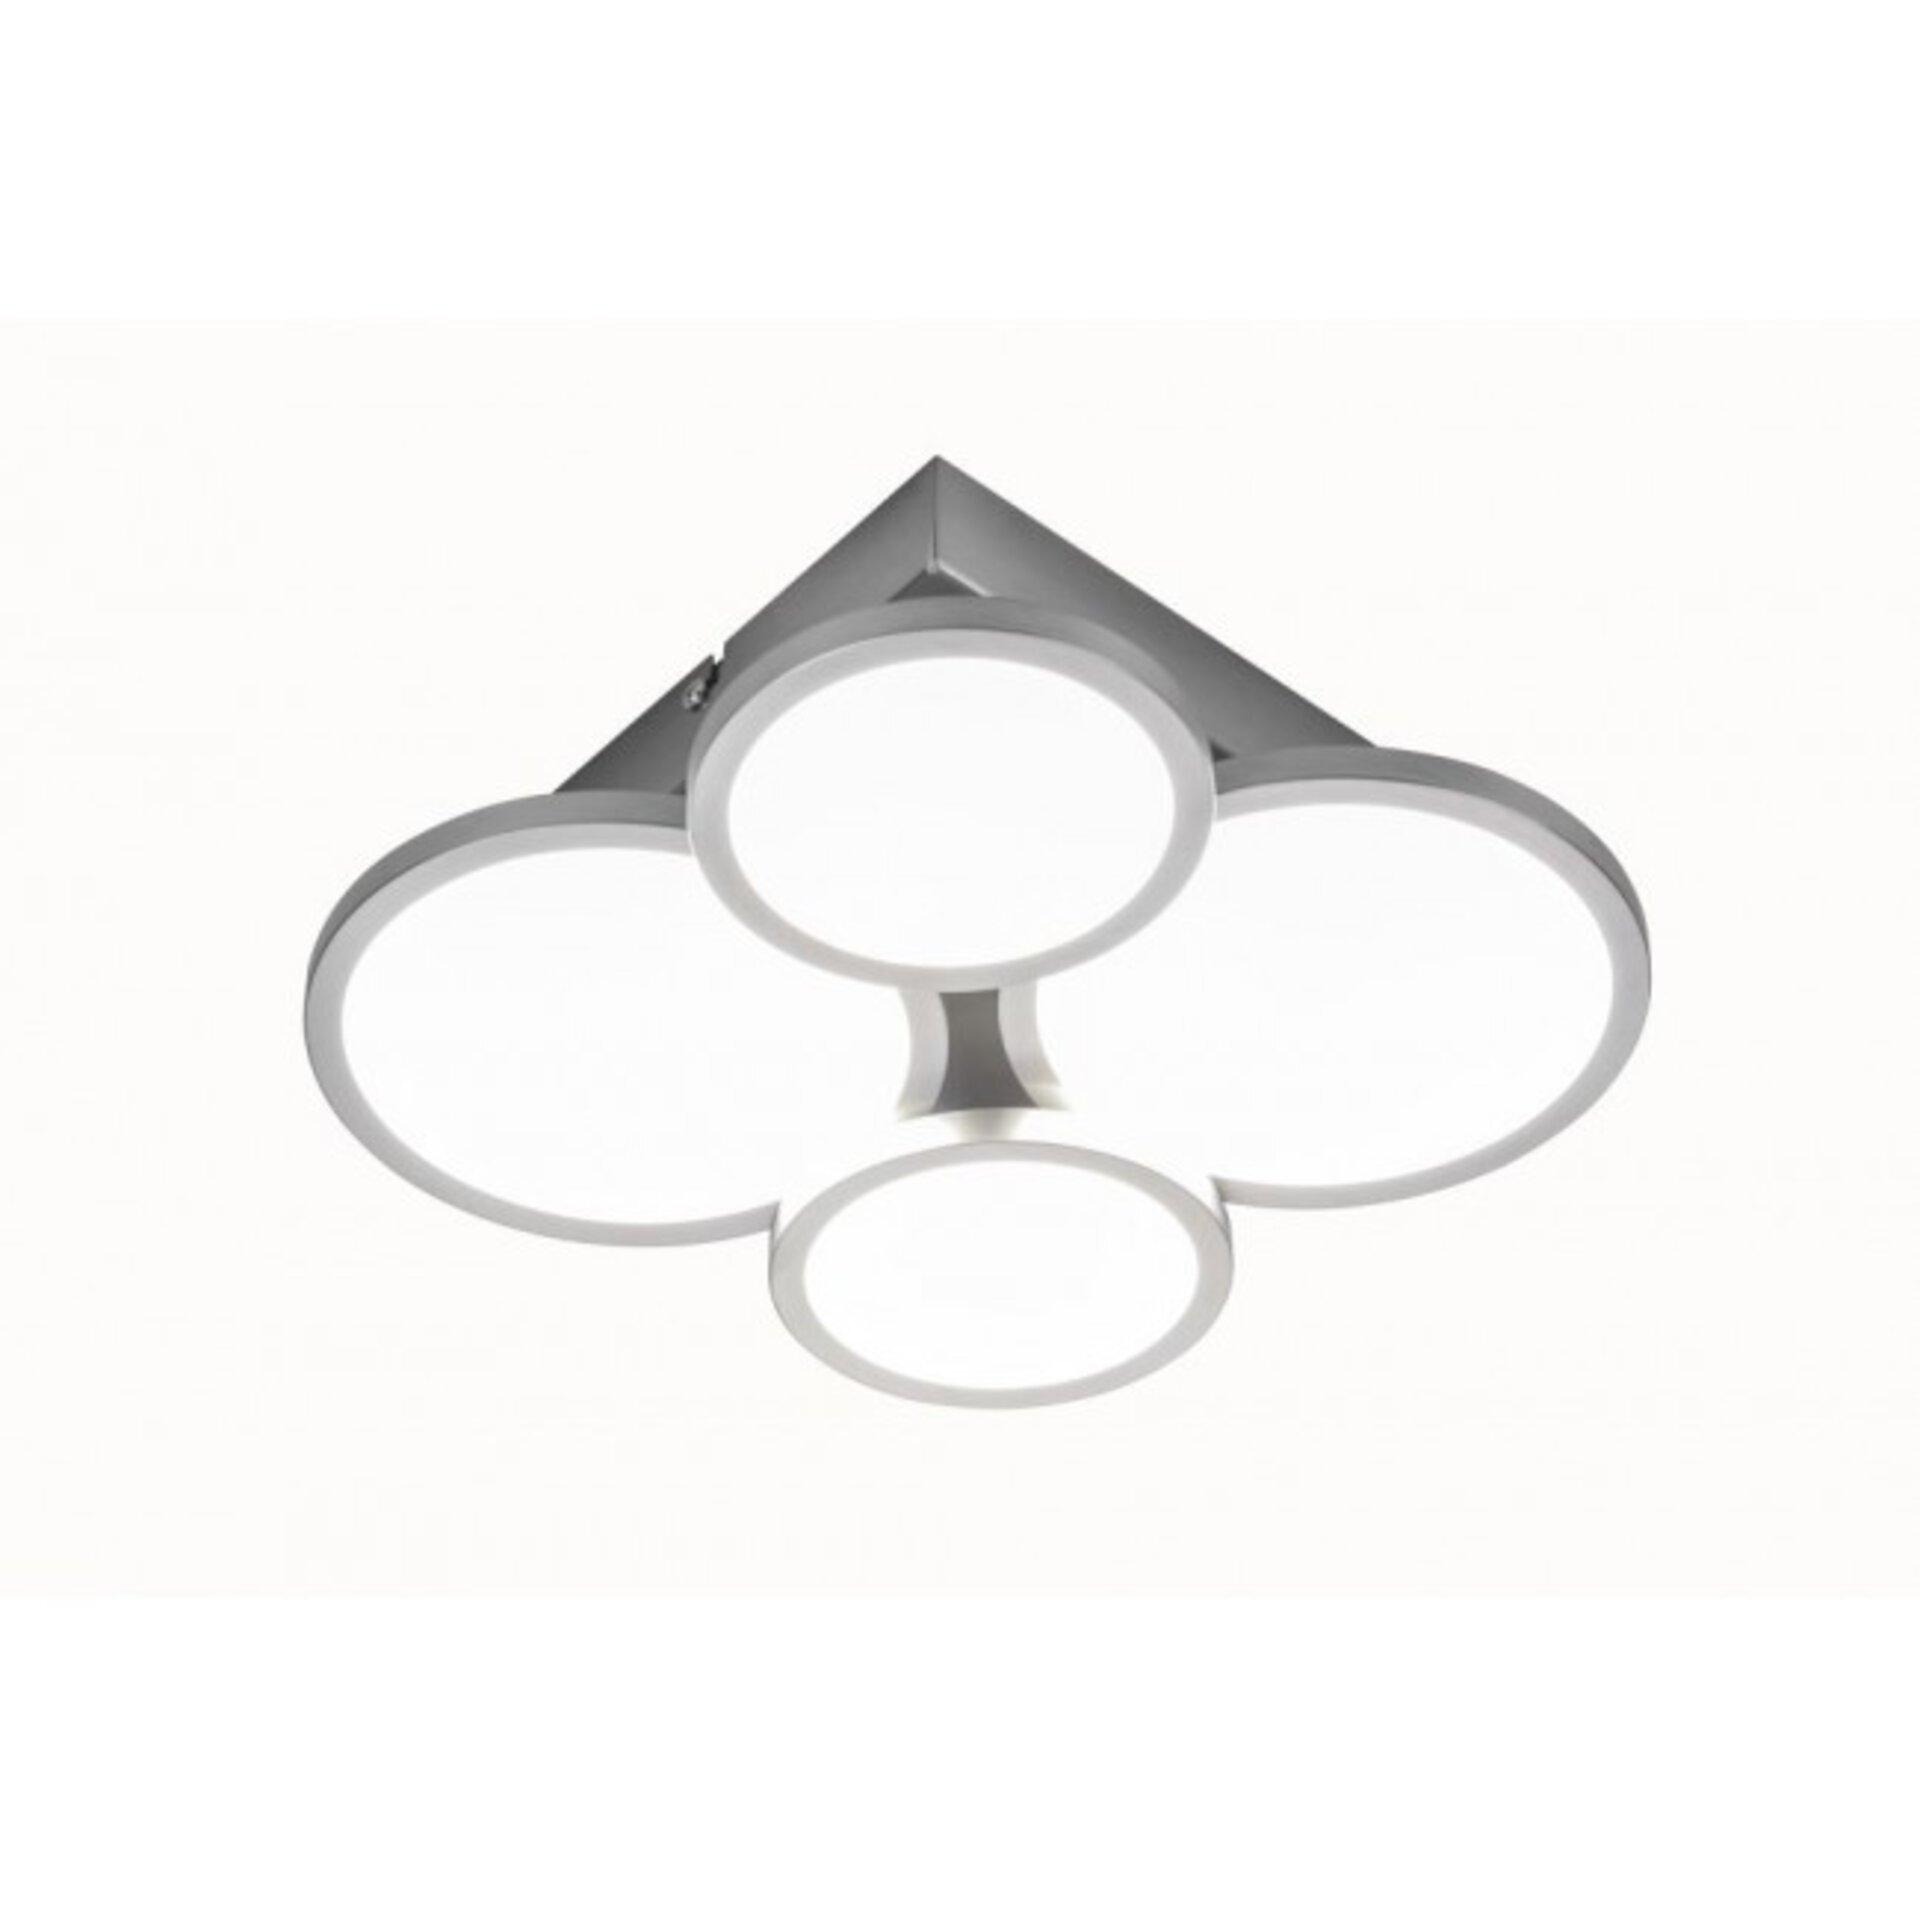 Deckenleuchte NEO Nino Leuchten Metall silber 26 x 8 x 26 cm